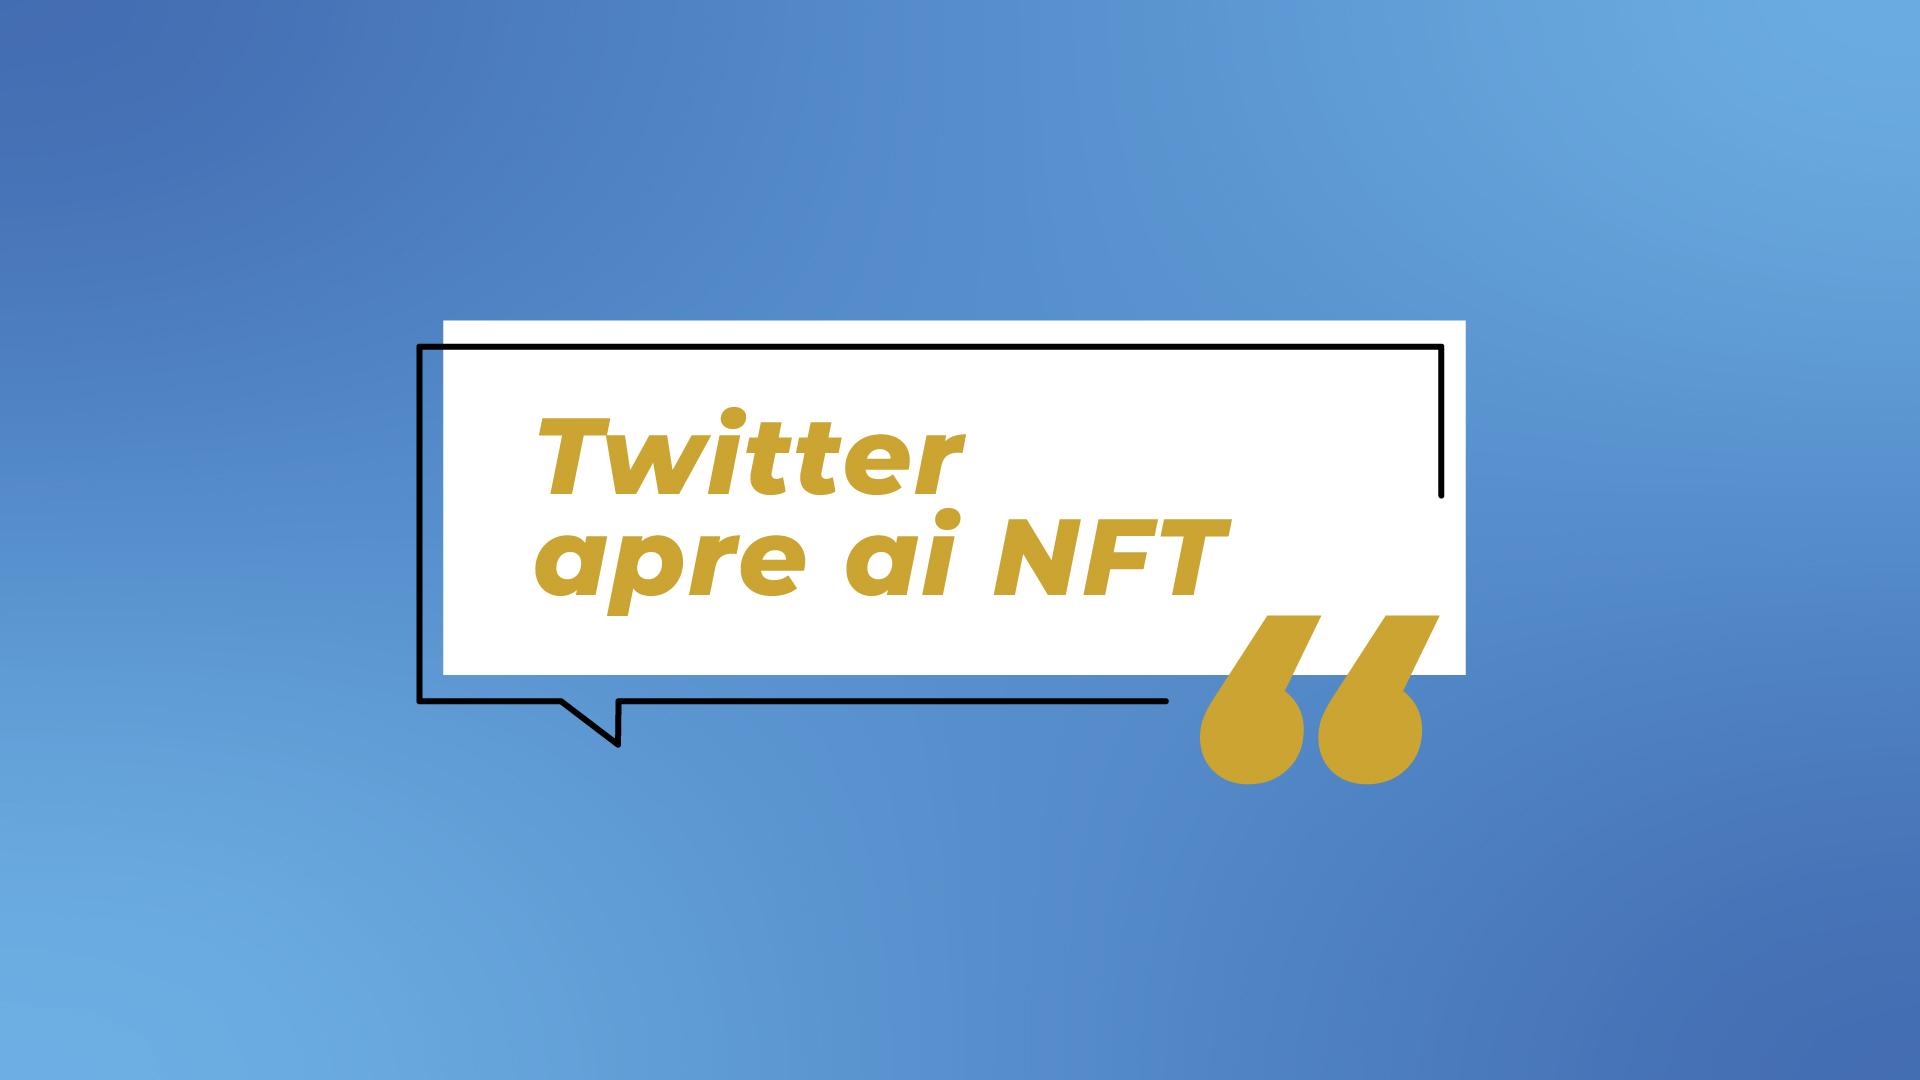 Twitter apre ai NFT (Non Fungible Token): la grande novità per i creator